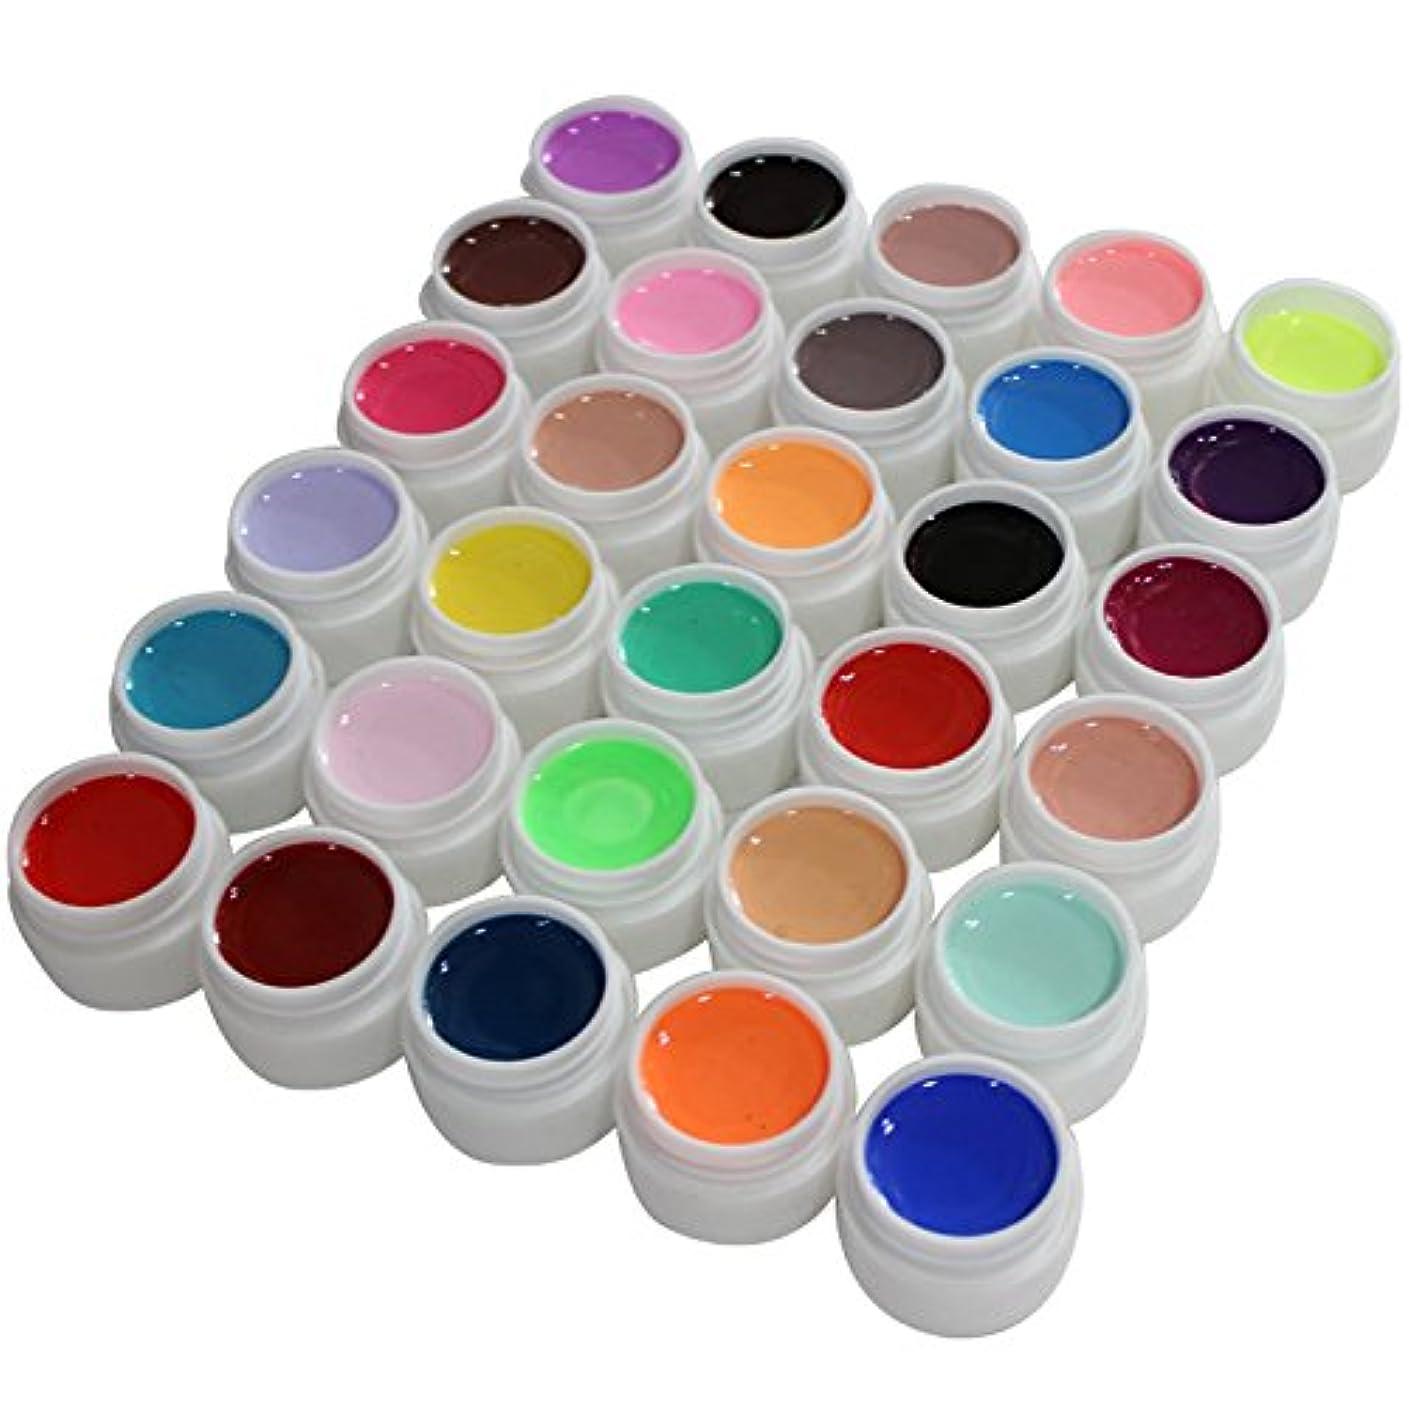 タービン起業家試すUV/LED対応カラージェルソークオフジェル30色カラーセット